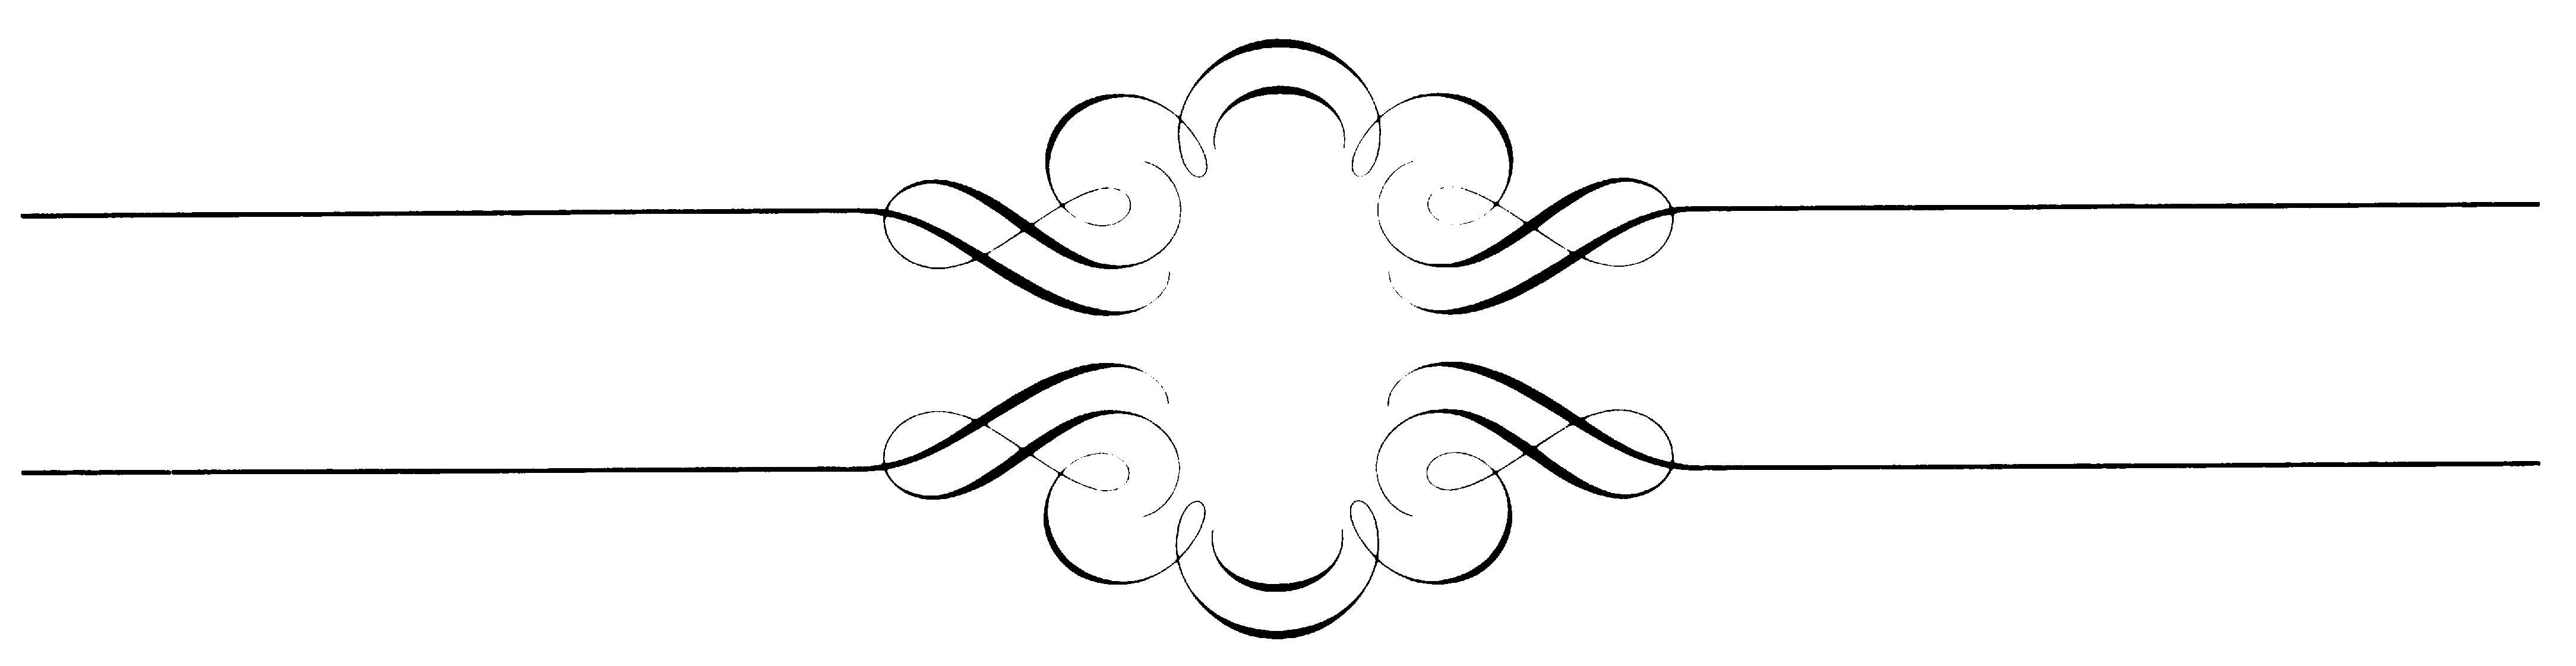 Free Elegant Lines Cliparts, Download Free Clip Art, Free Clip Art.